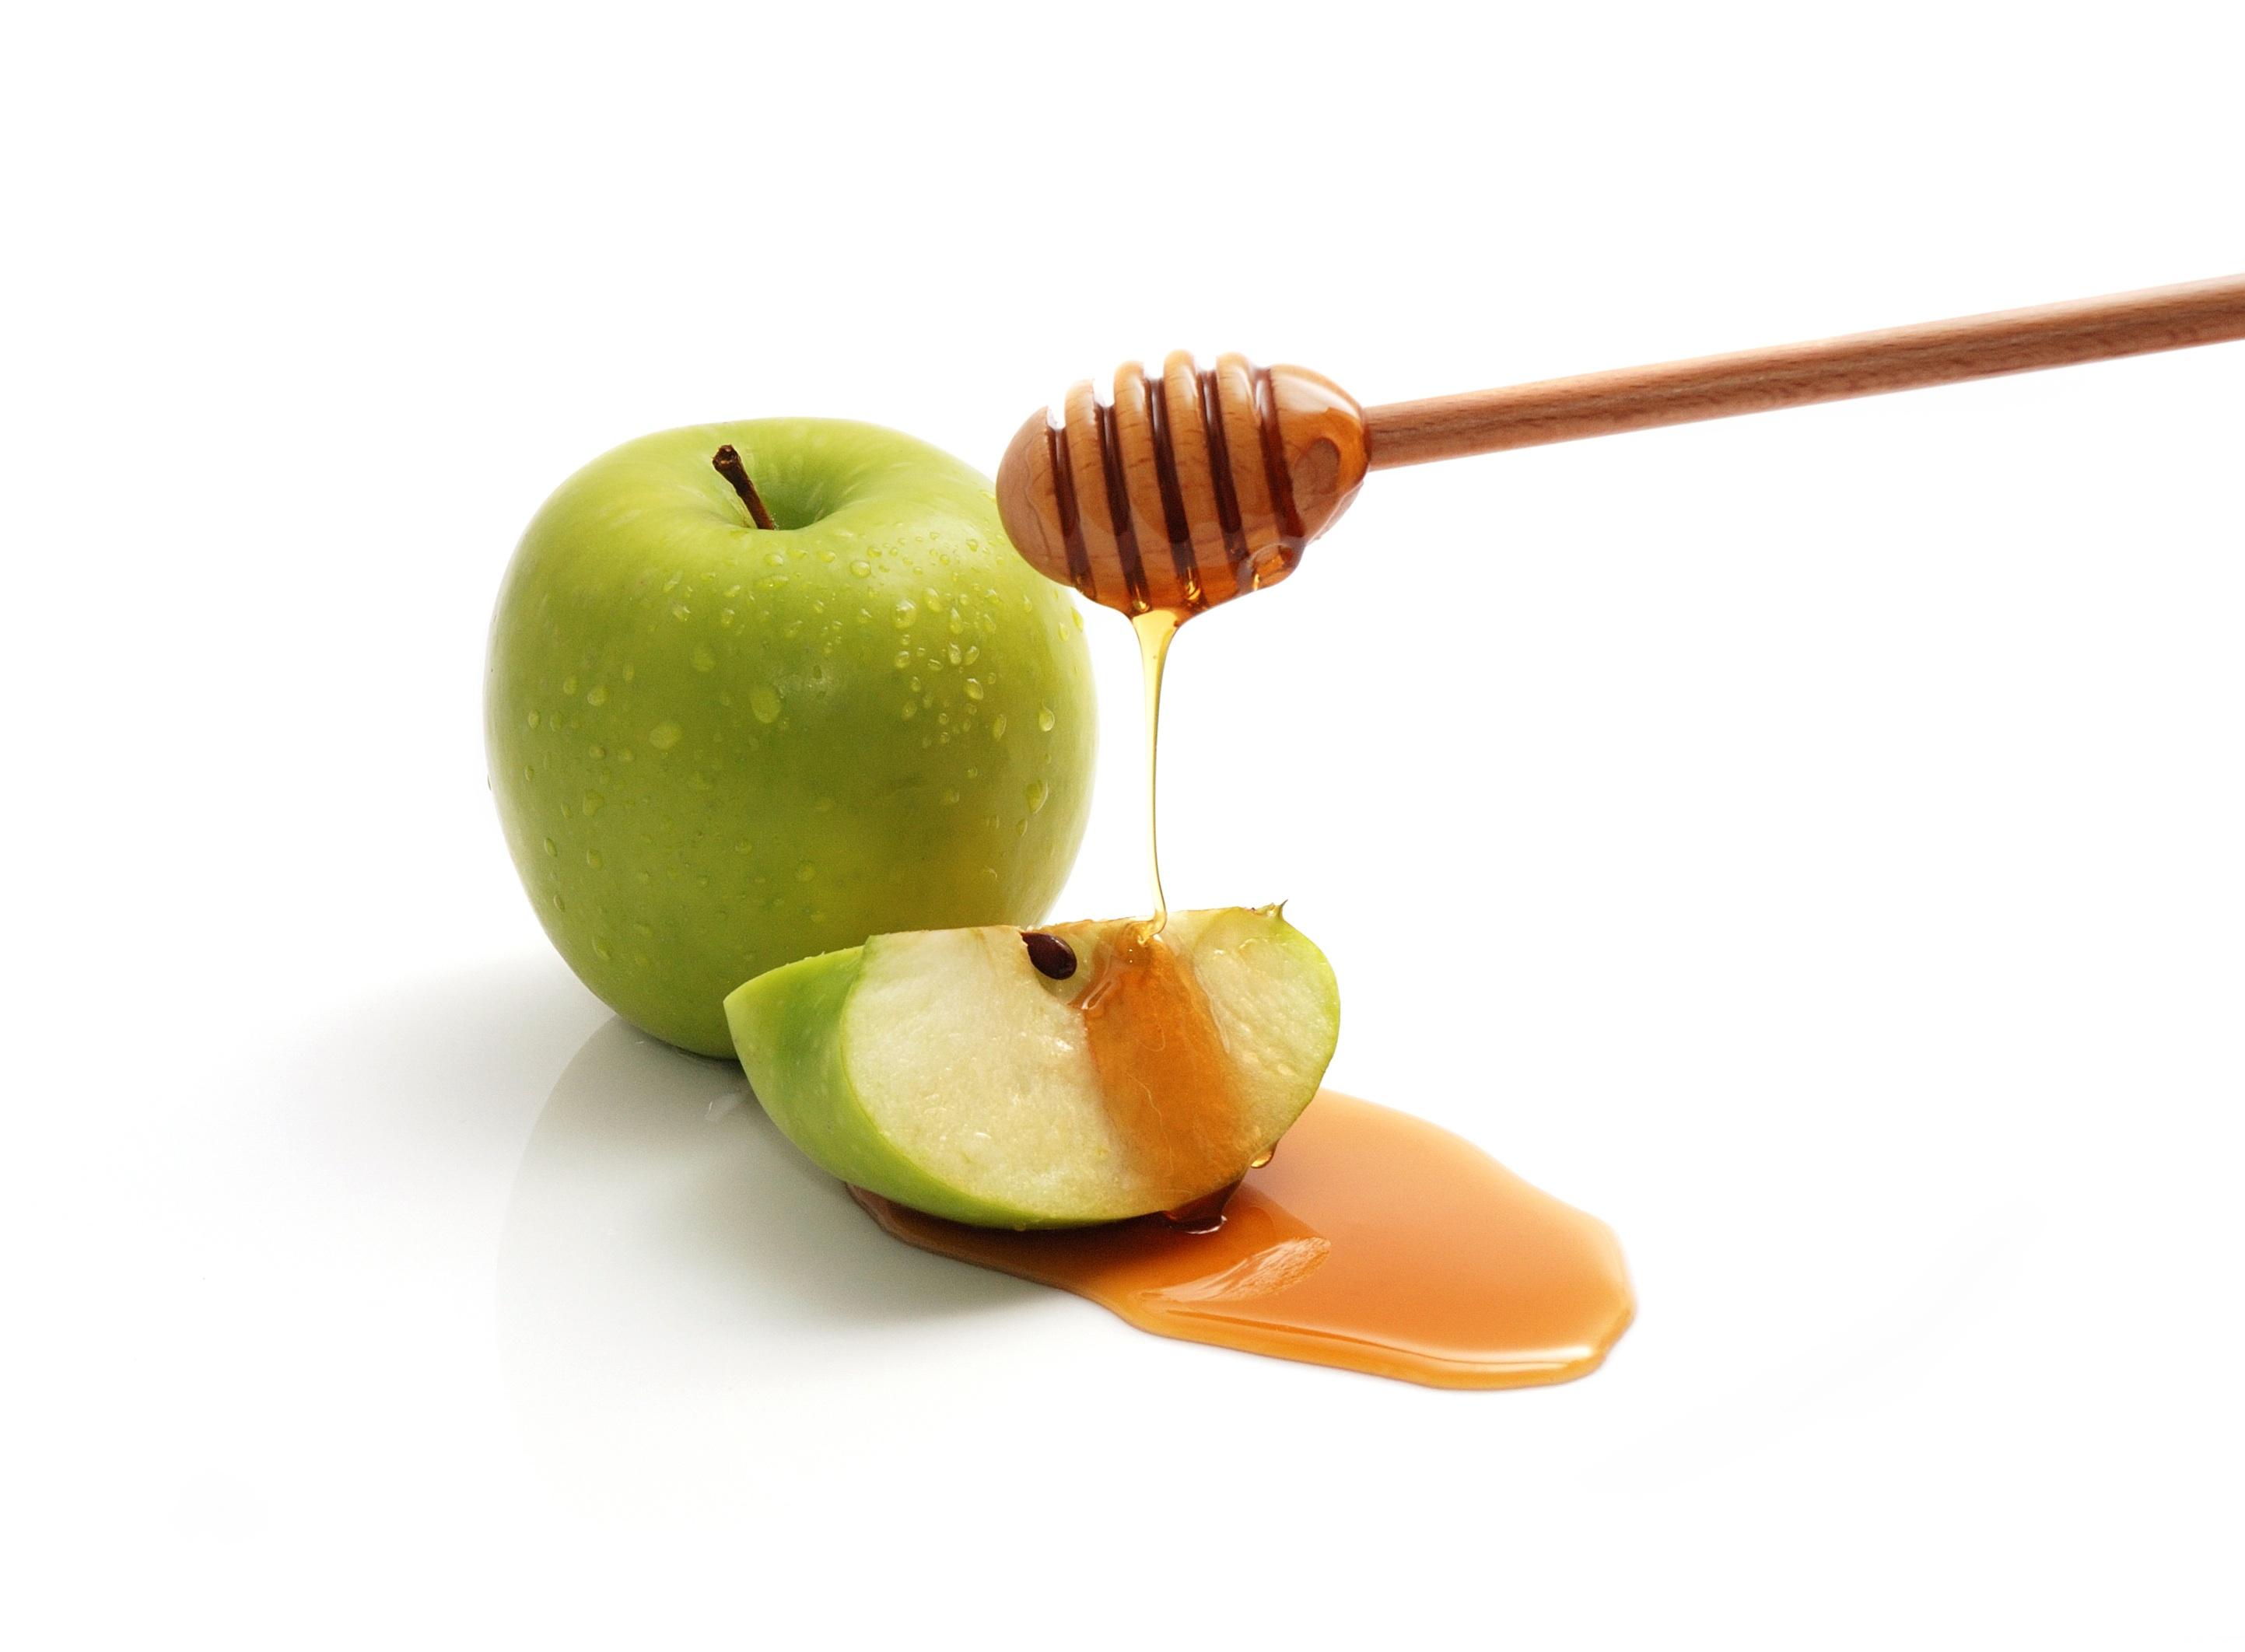 แอปเปิ้ลกับน้ำผึ้ง